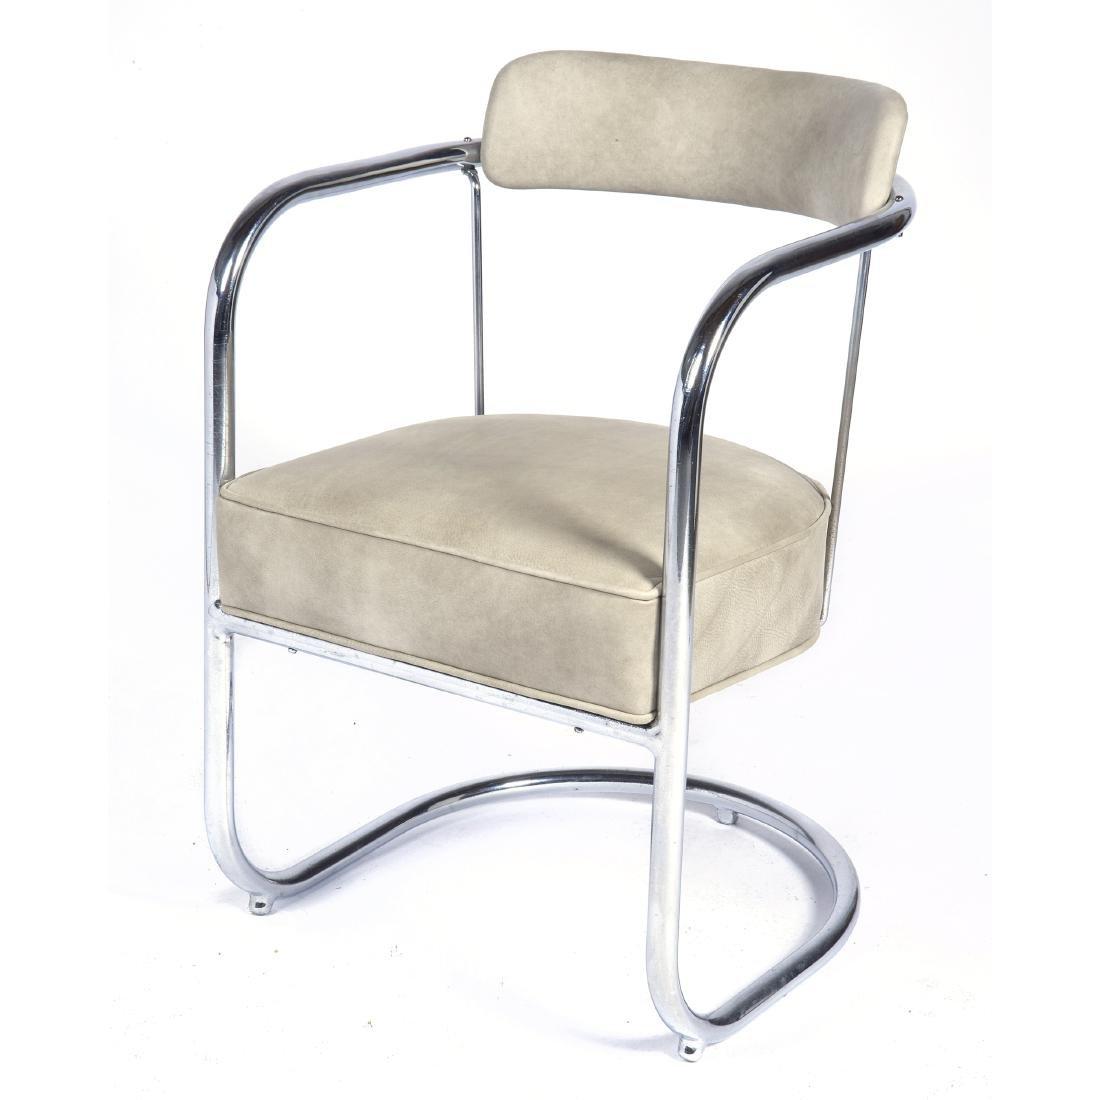 KEM Weber chrome armchair